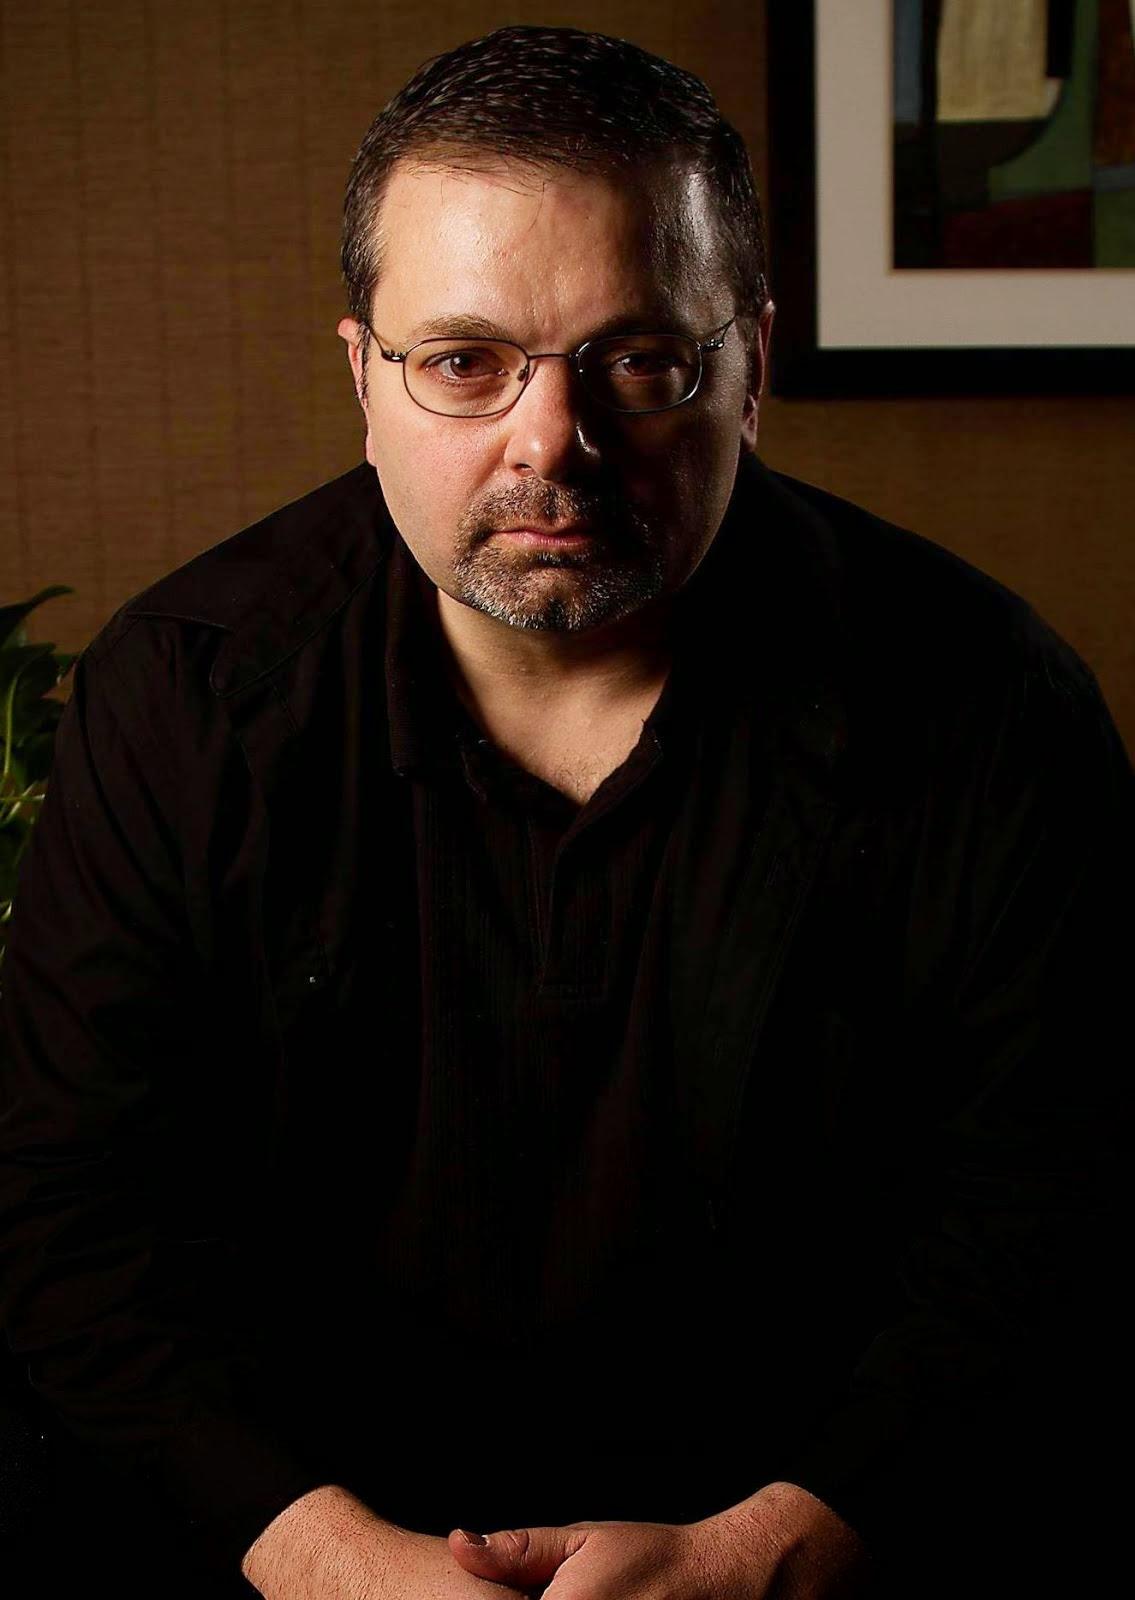 David Danna